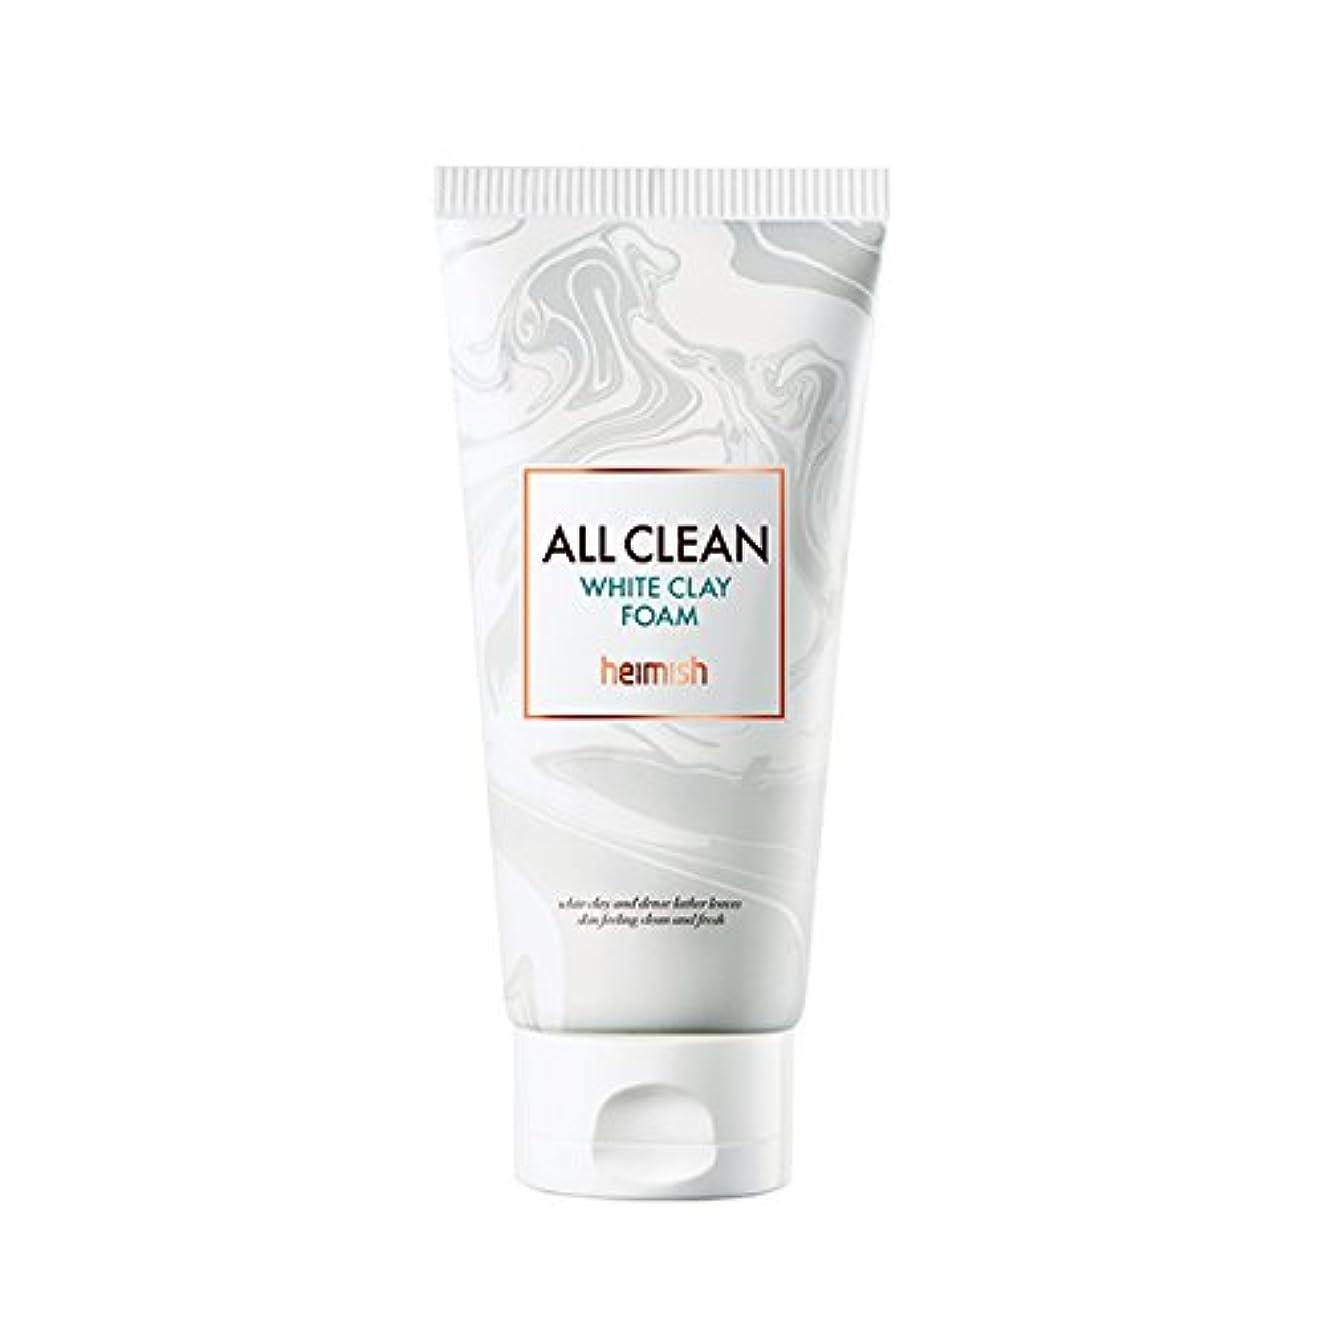 離れて姉妹姉妹heimish All Clean White Clay Foam 150g/ヘイミッシュ オールクリーン ホワイト クレイ フォーム 150g